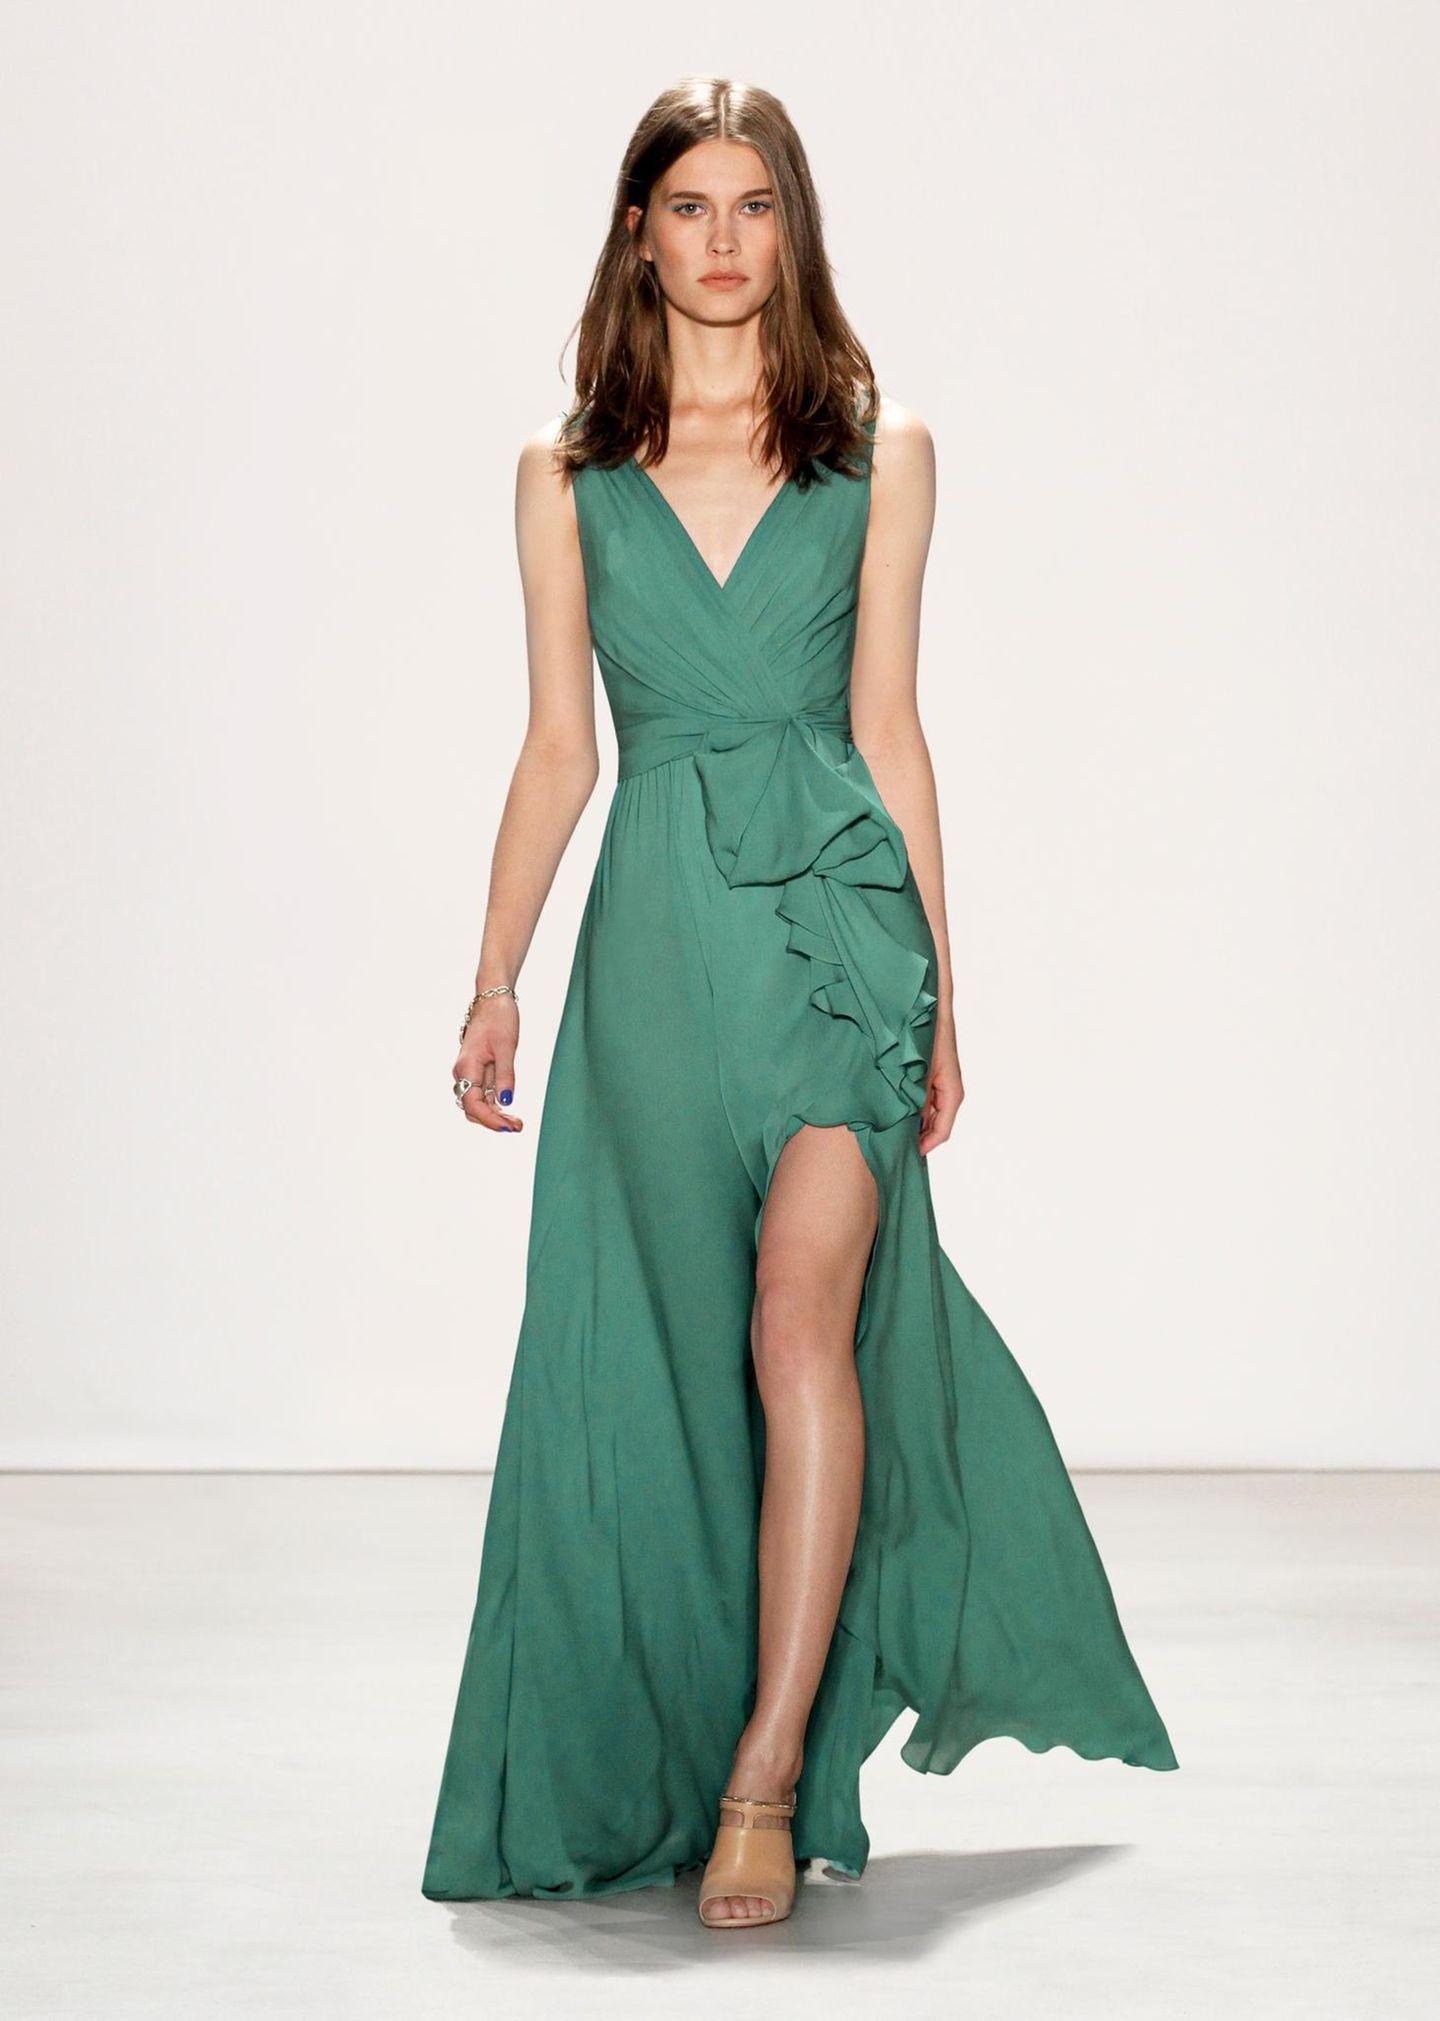 Jenny Packham F/S 2016: Dieses Wallekleid ist sooooo für sie gemacht. Auch der Grünton passt perfekt zur brünetten Herzogin.